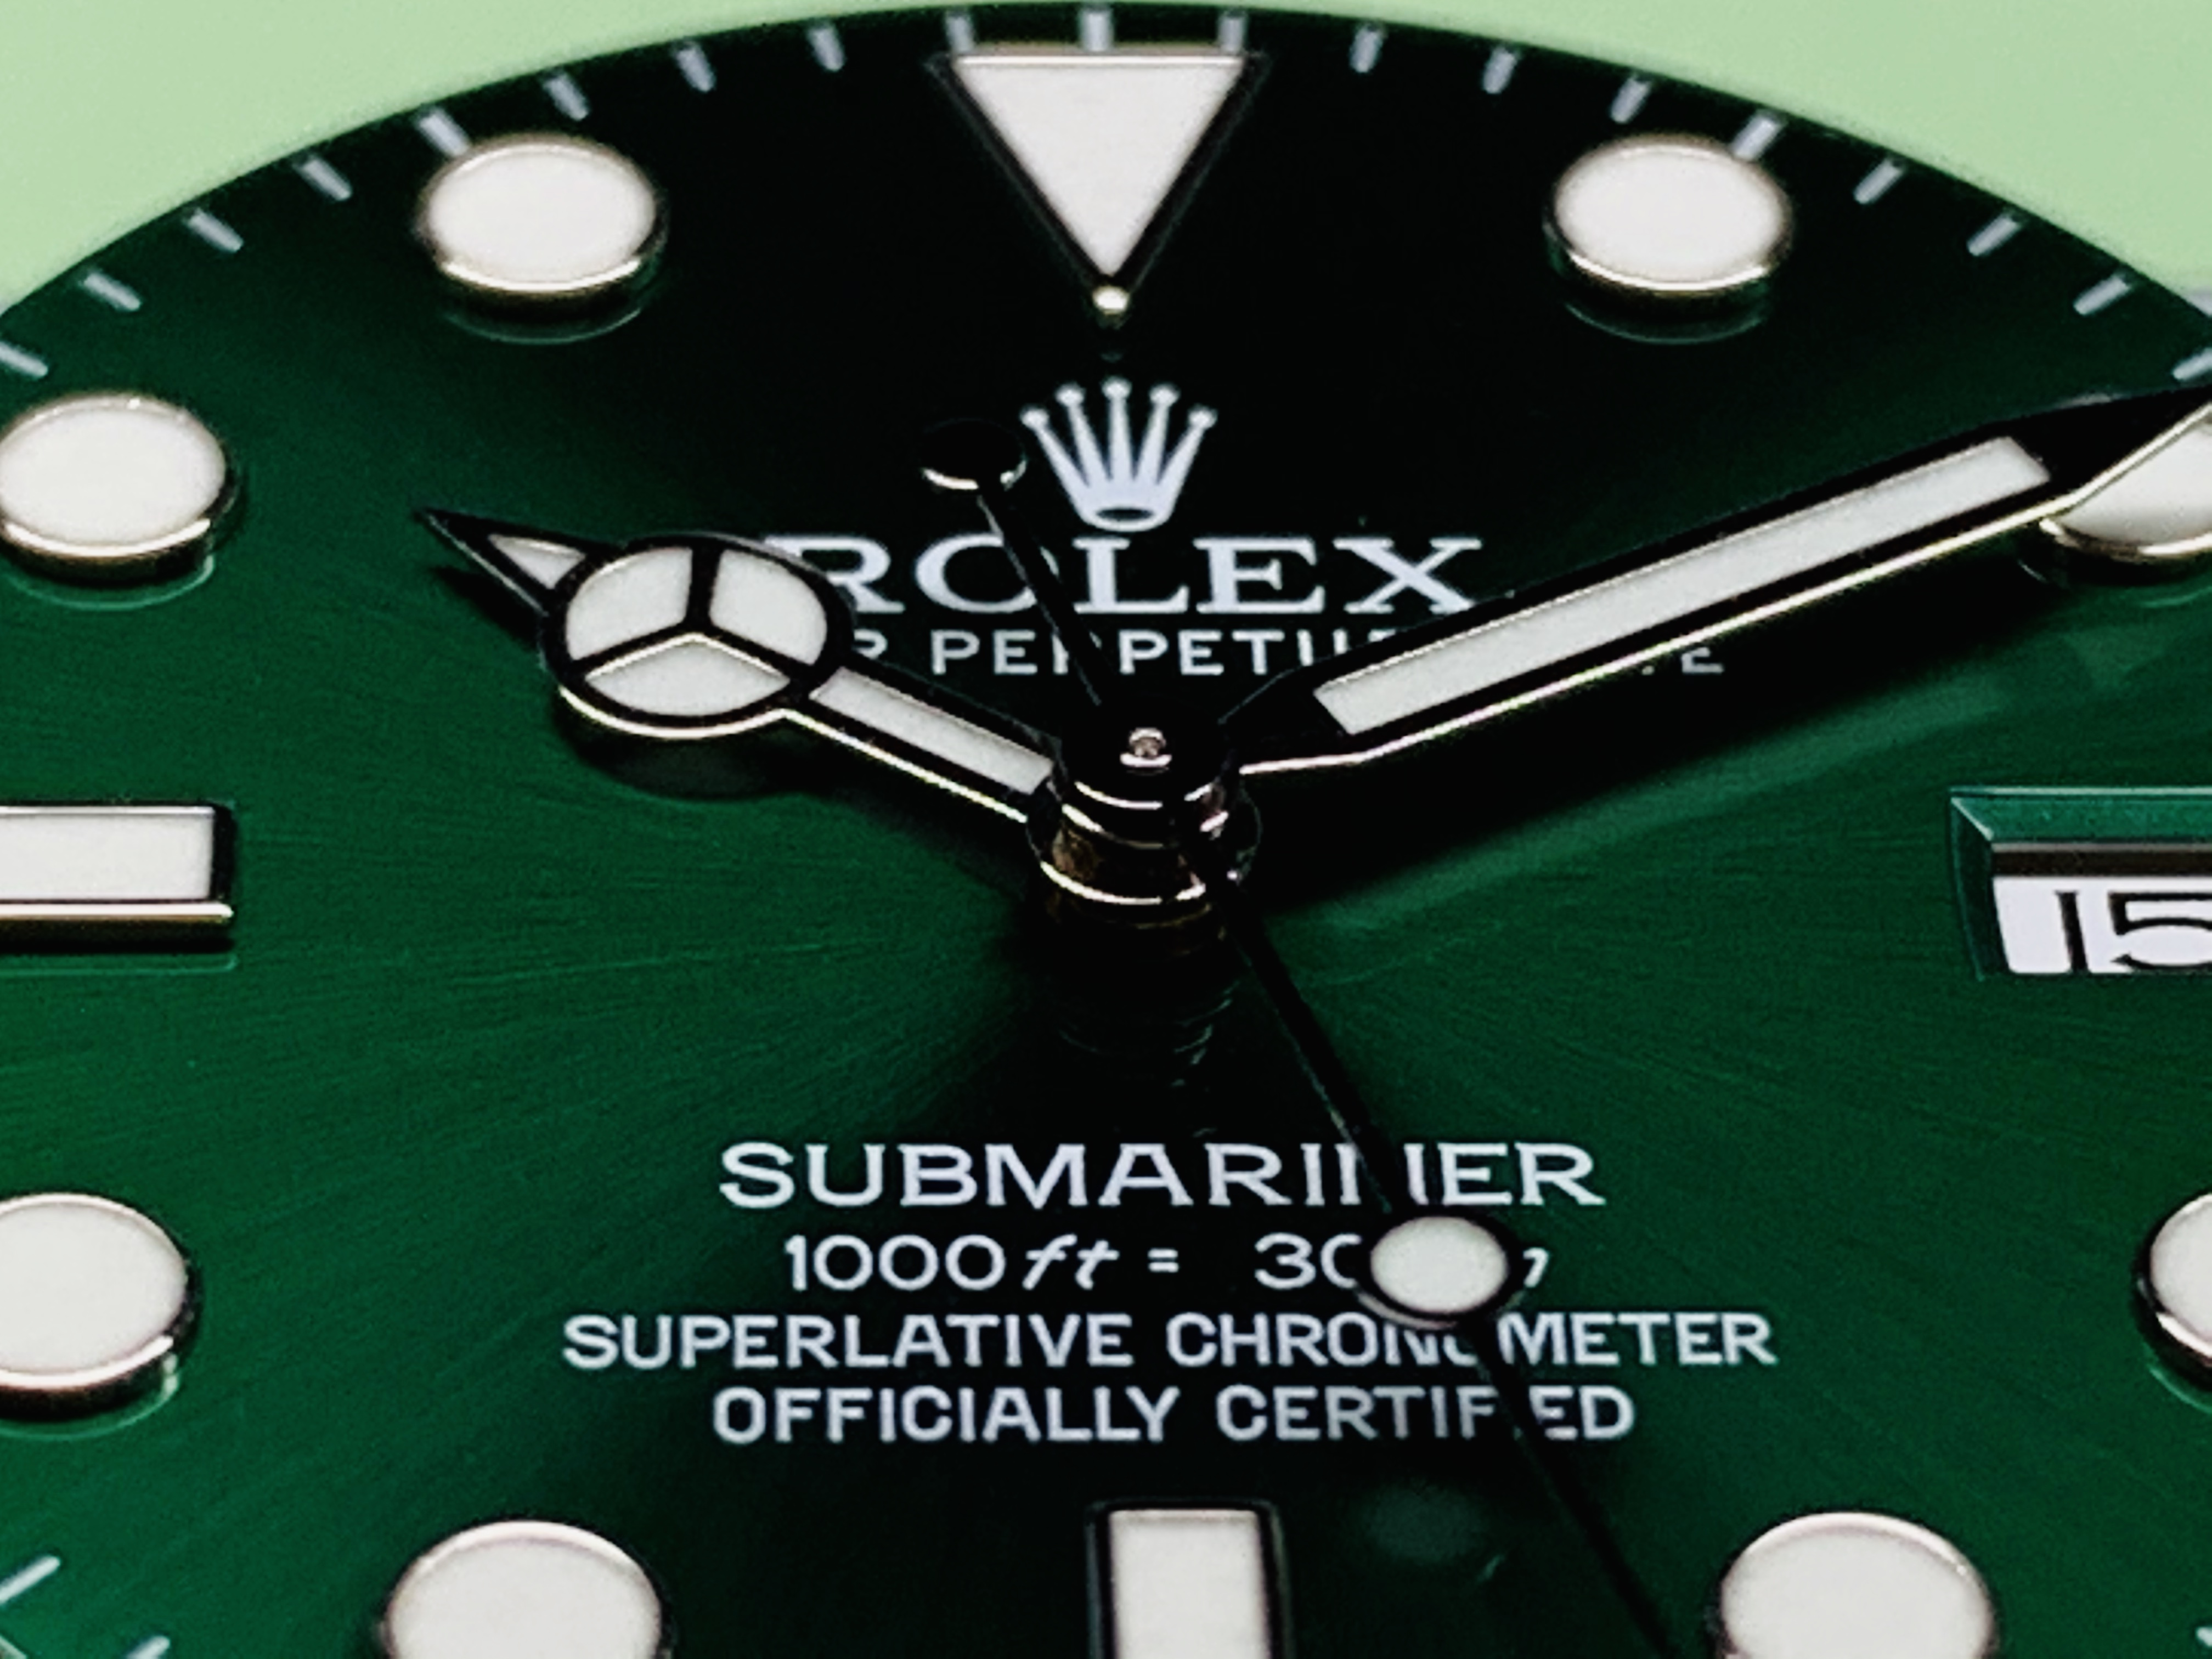 ΚΑΛΥΤΕΡΗ REPLICA ROLEX SUBMRINER 116610 LV - Ρολόγια Replica